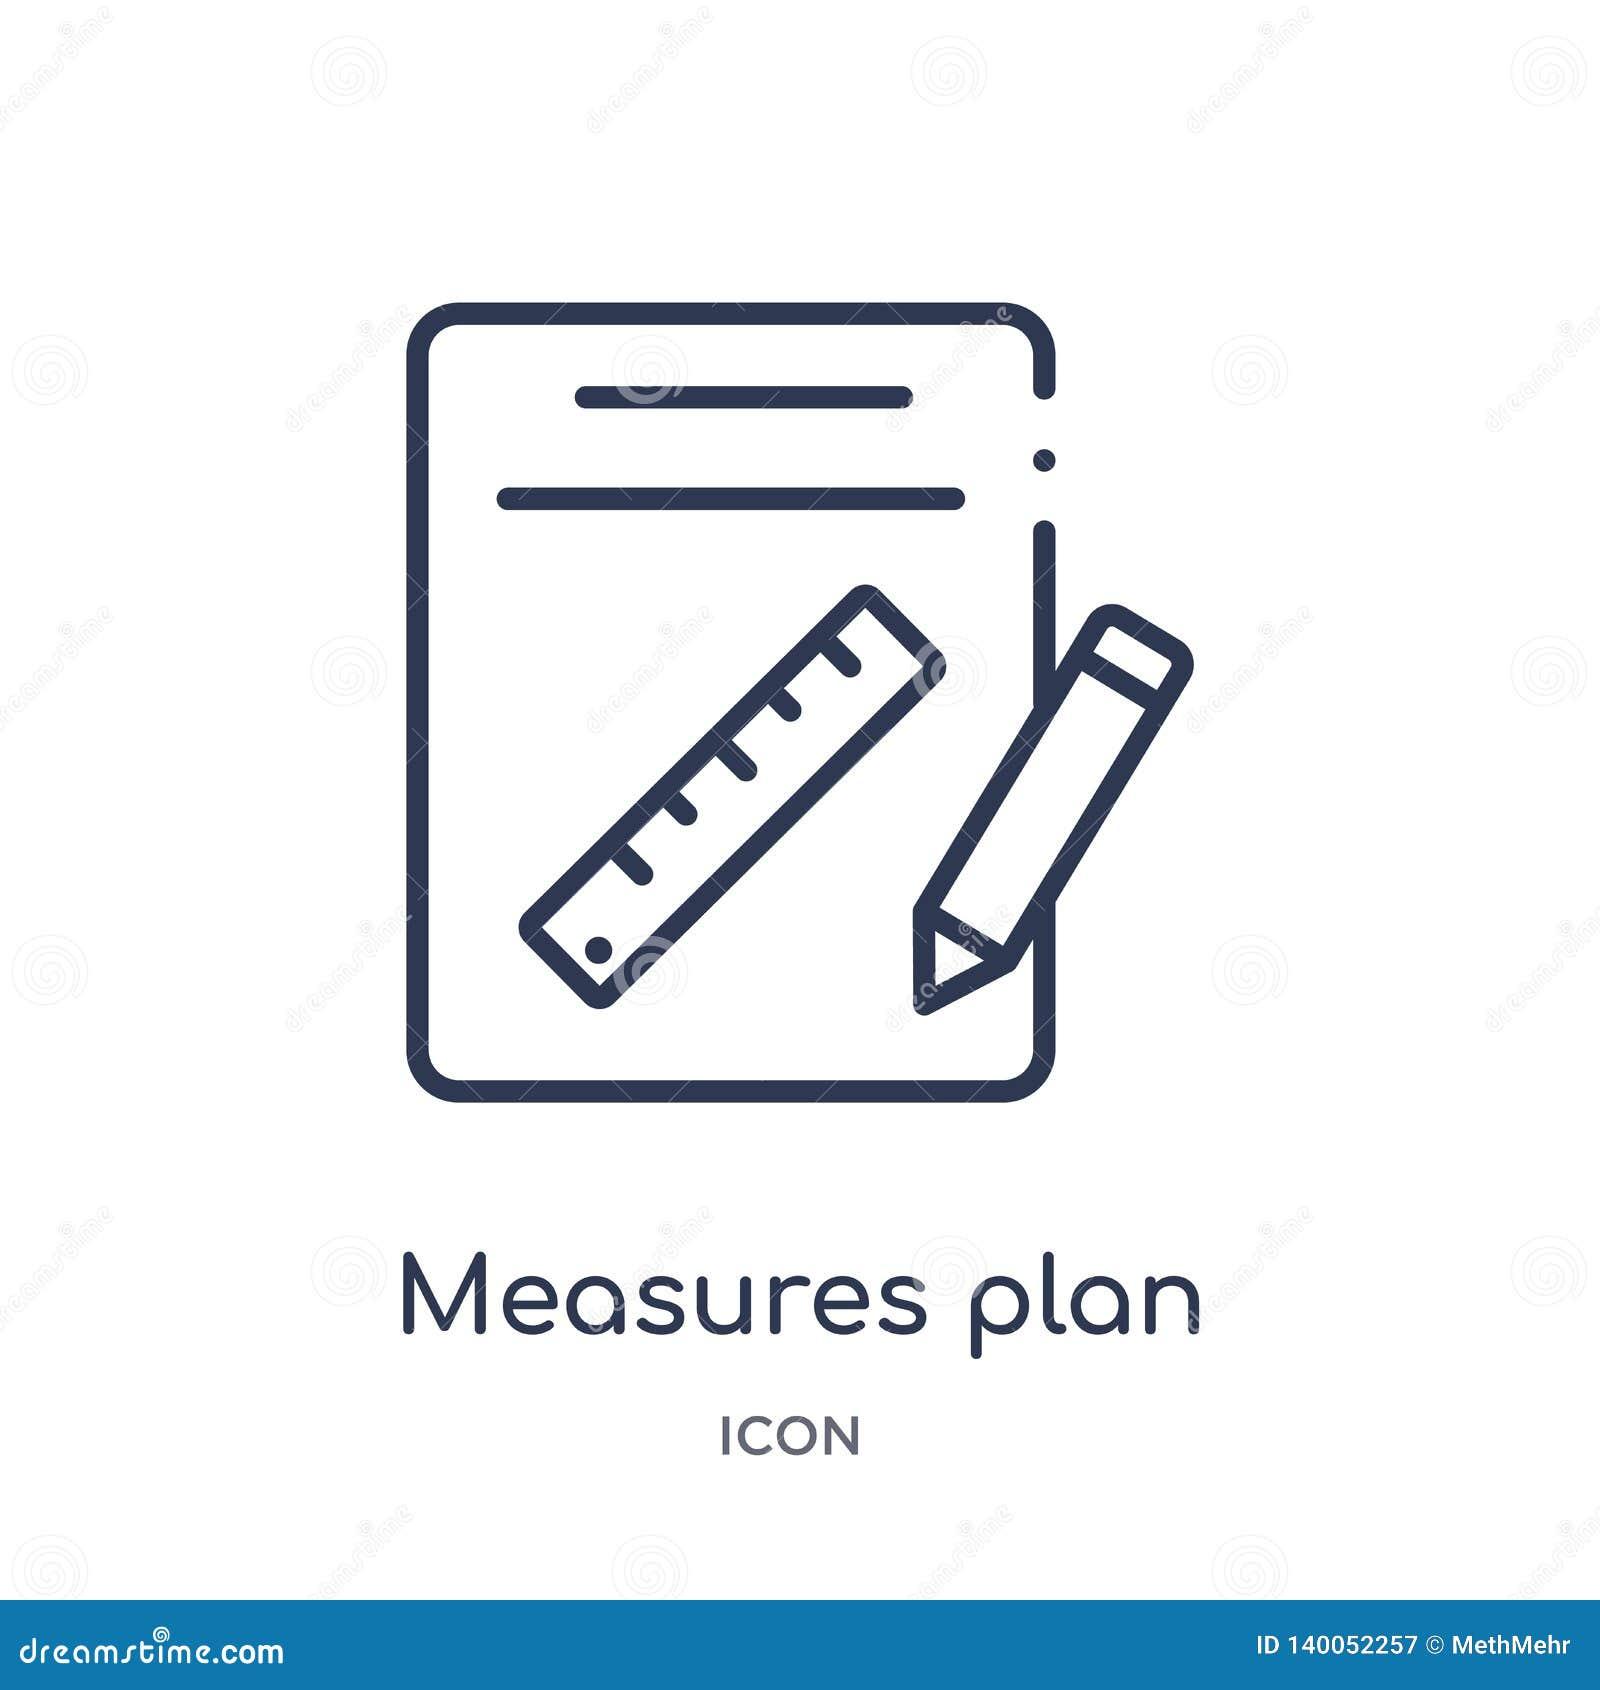 Lineare Maße planen Ikone von der Bauentwurfssammlung Dünne Satzbreiten planen den Vektor, der auf weißem Hintergrund lokalisiert